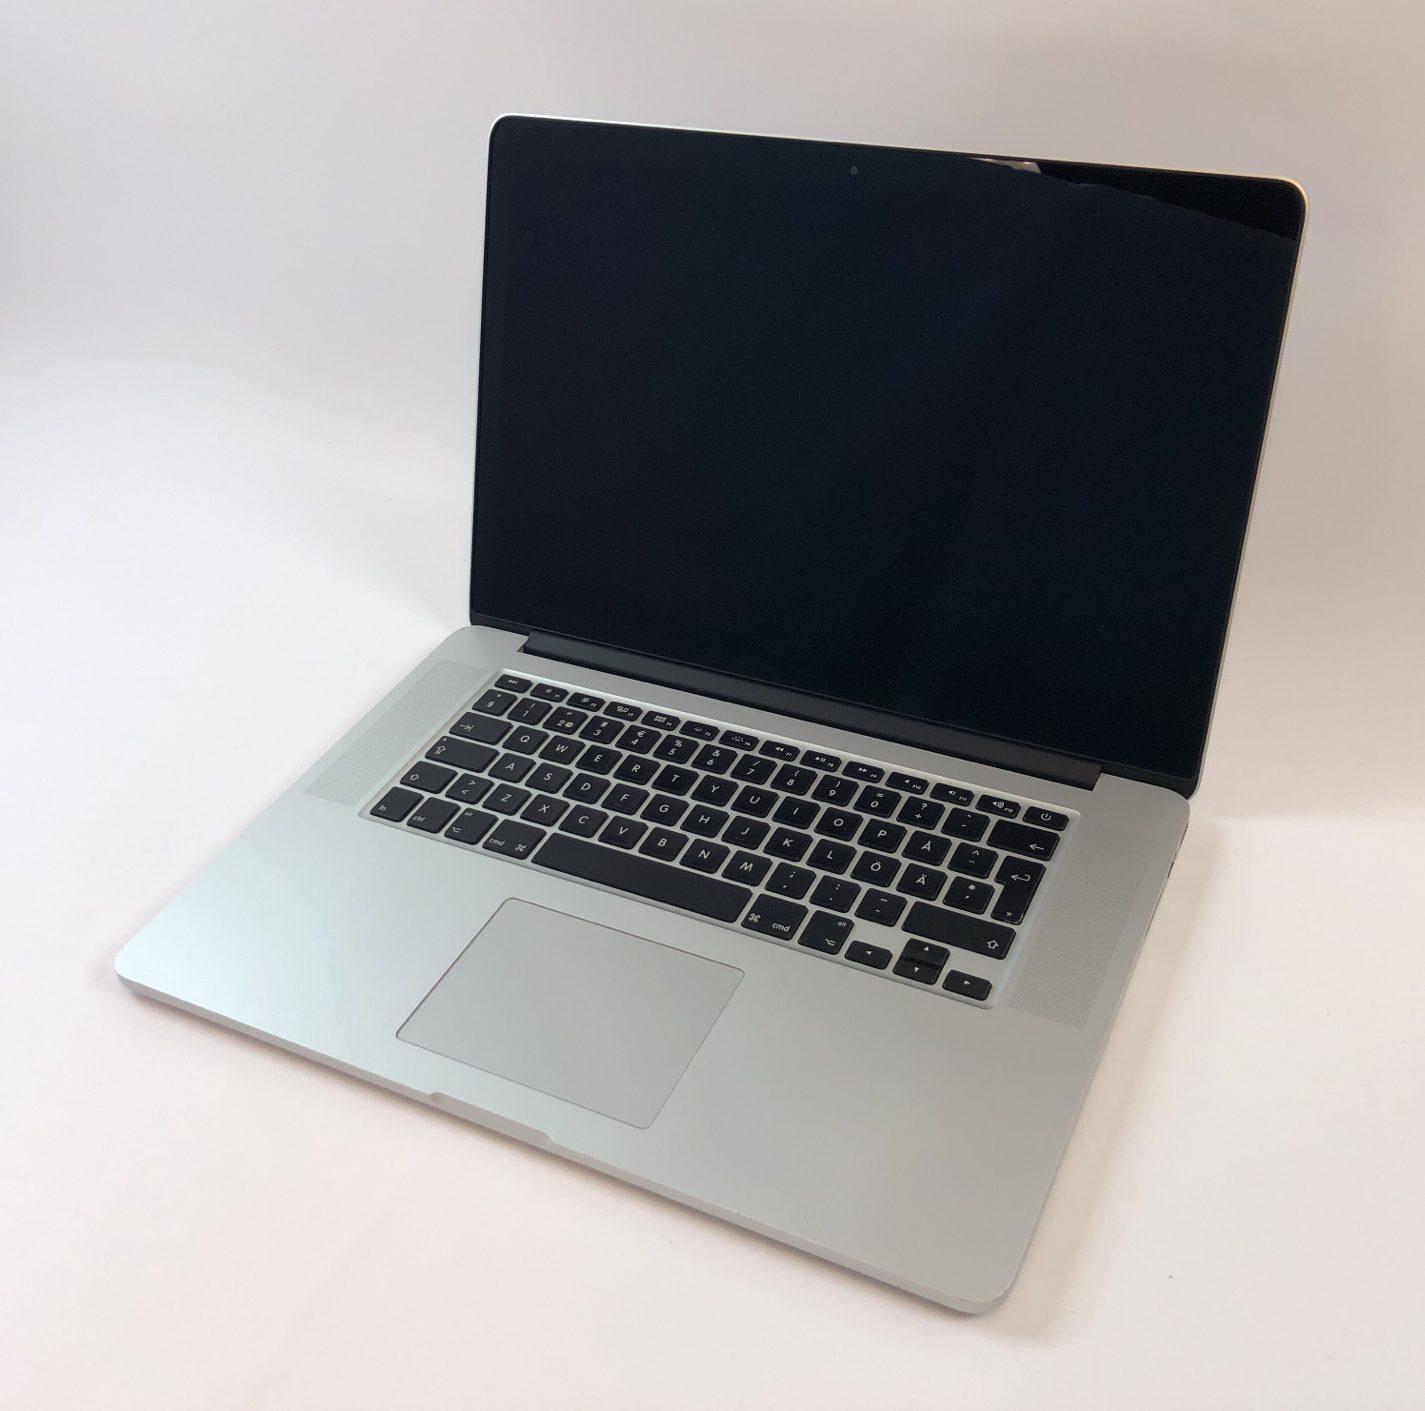 """MacBook Pro Retina 15"""" Mid 2015 (Intel Quad-Core i7 2.2 GHz 16 GB RAM 512 GB SSD), Intel Quad-Core i7 2.2 GHz, 16 GB RAM, 512 GB SSD, Kuva 1"""